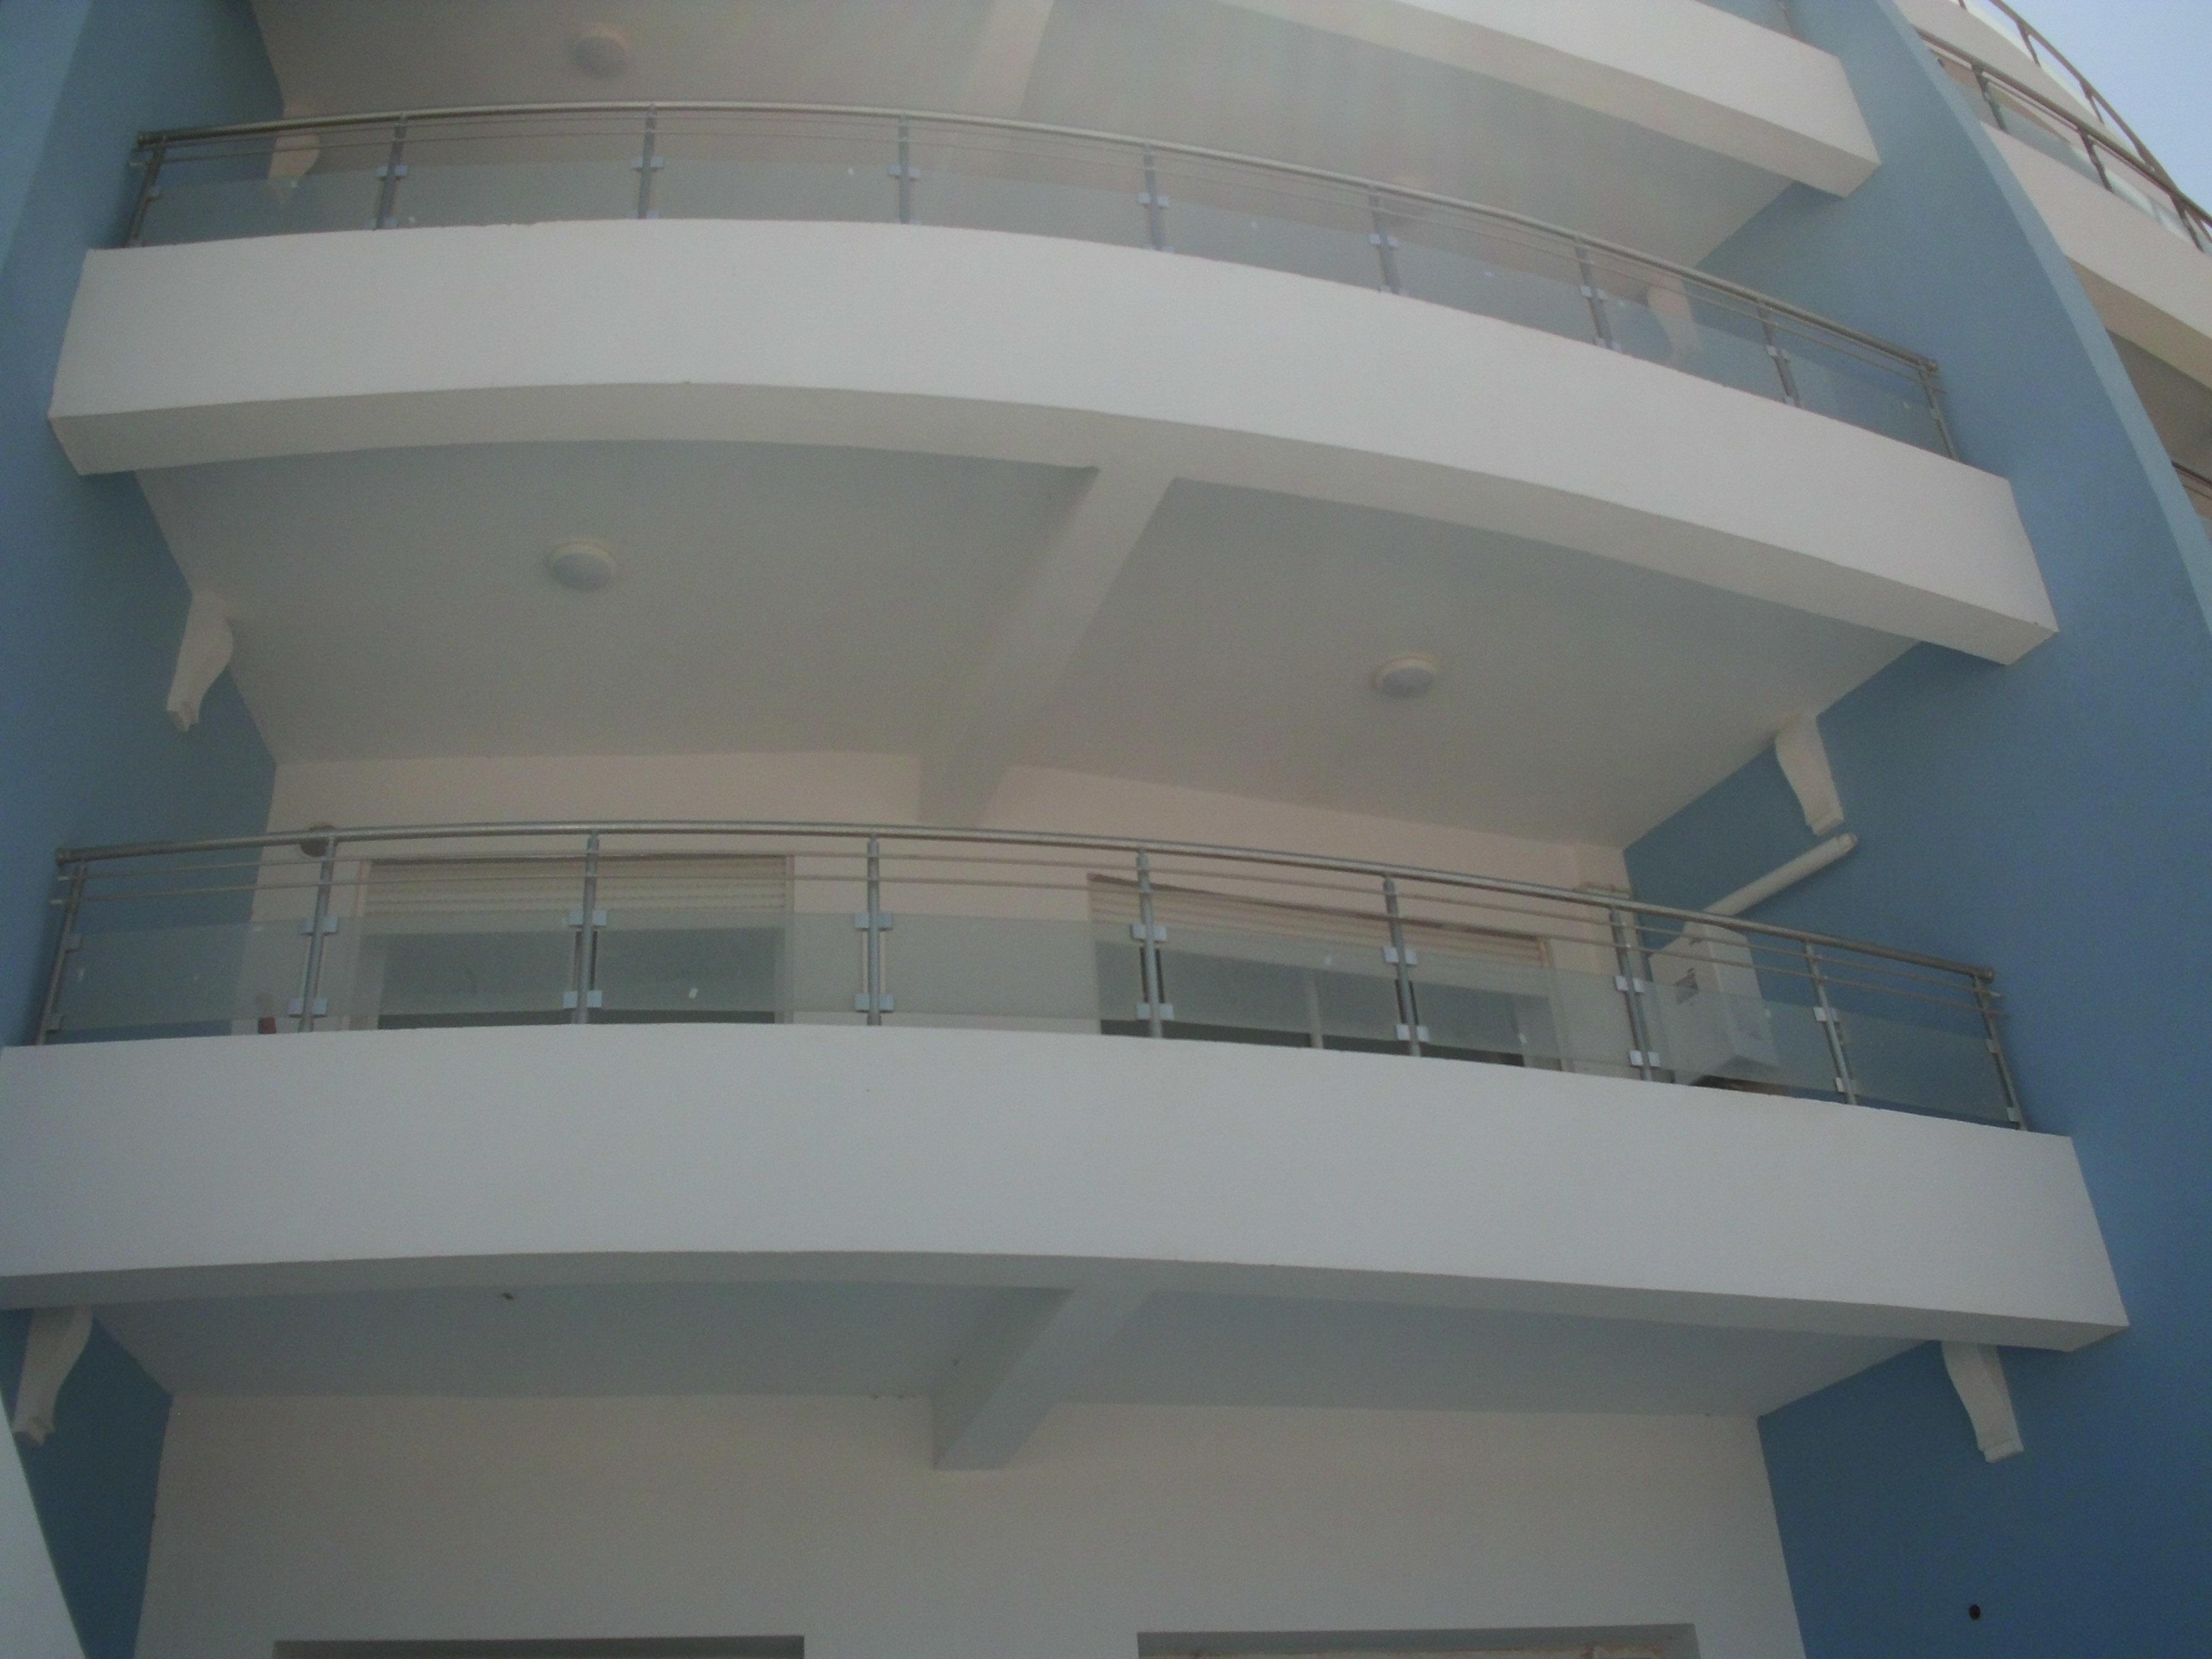 Hergla résidence a vendre studio neuf situé dans un immeuble avec piscine et à 100 m de la plage